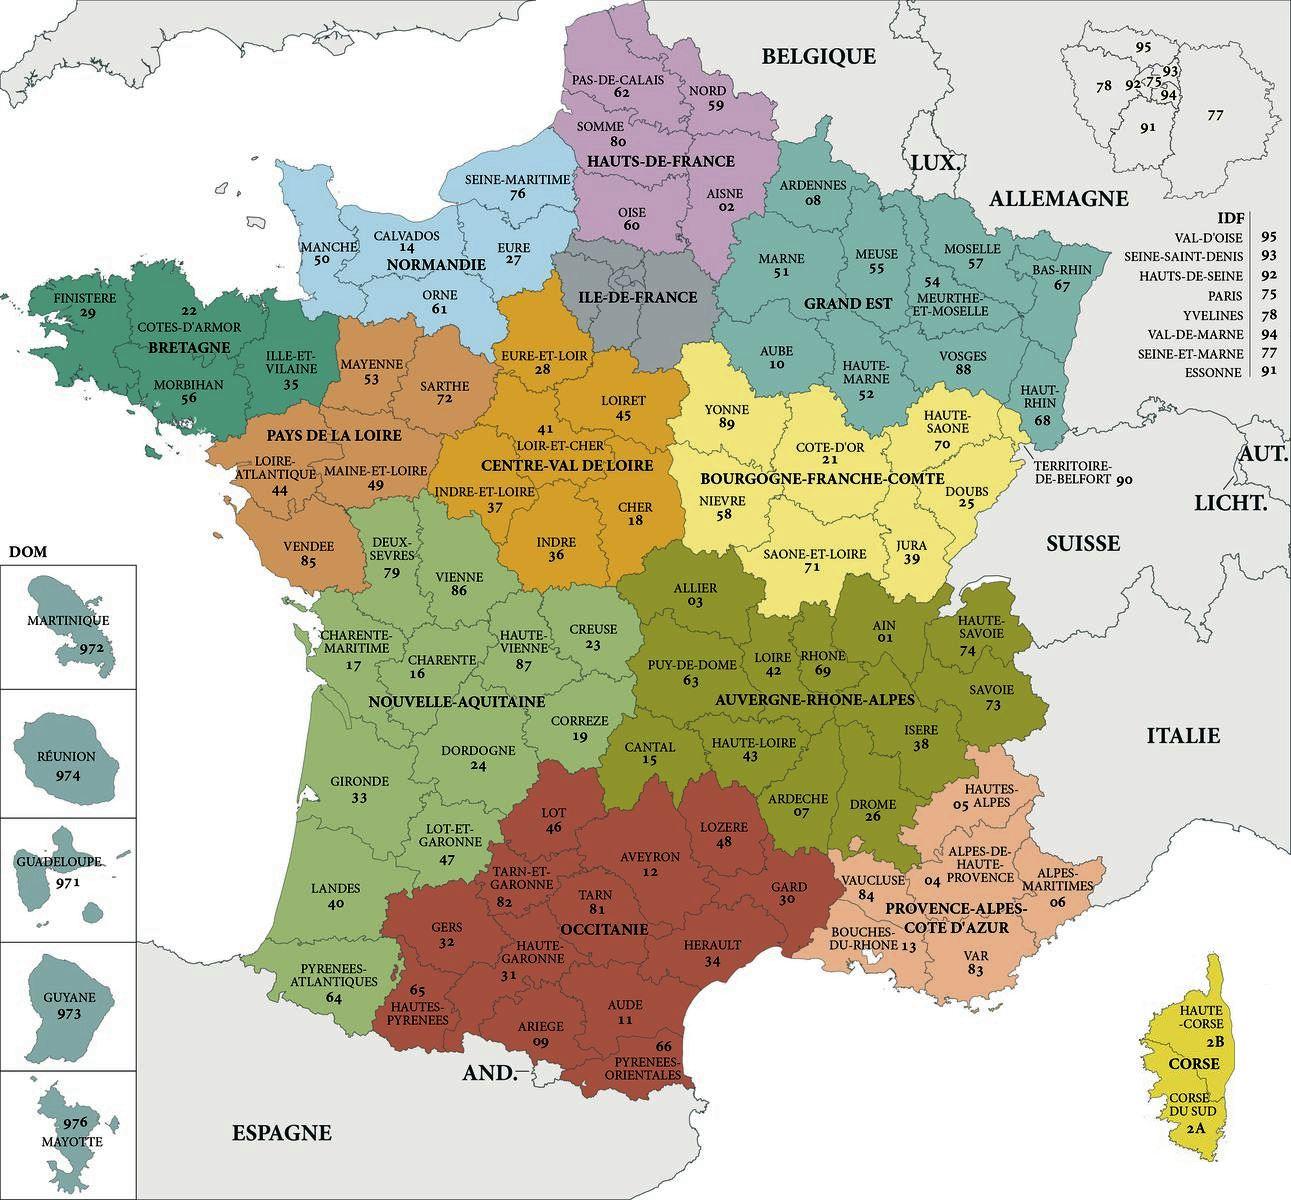 Carte De France Departements : Carte Des Départements De France encequiconcerne La Carte France Departement